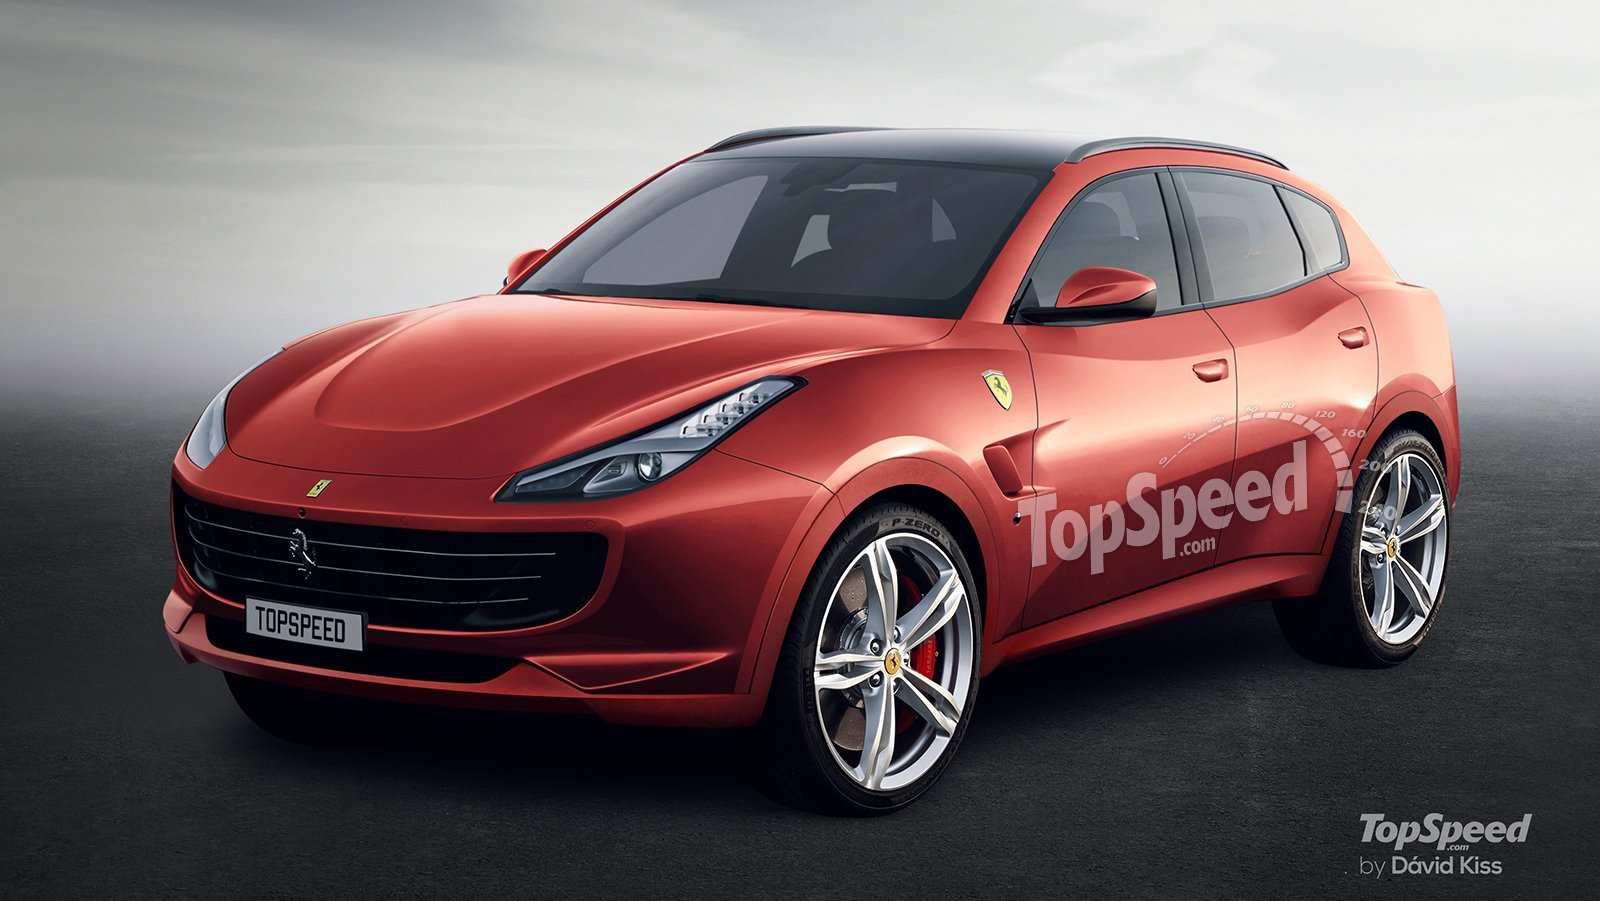 34 Gallery of Ferrari 2020 Suv Model with Ferrari 2020 Suv